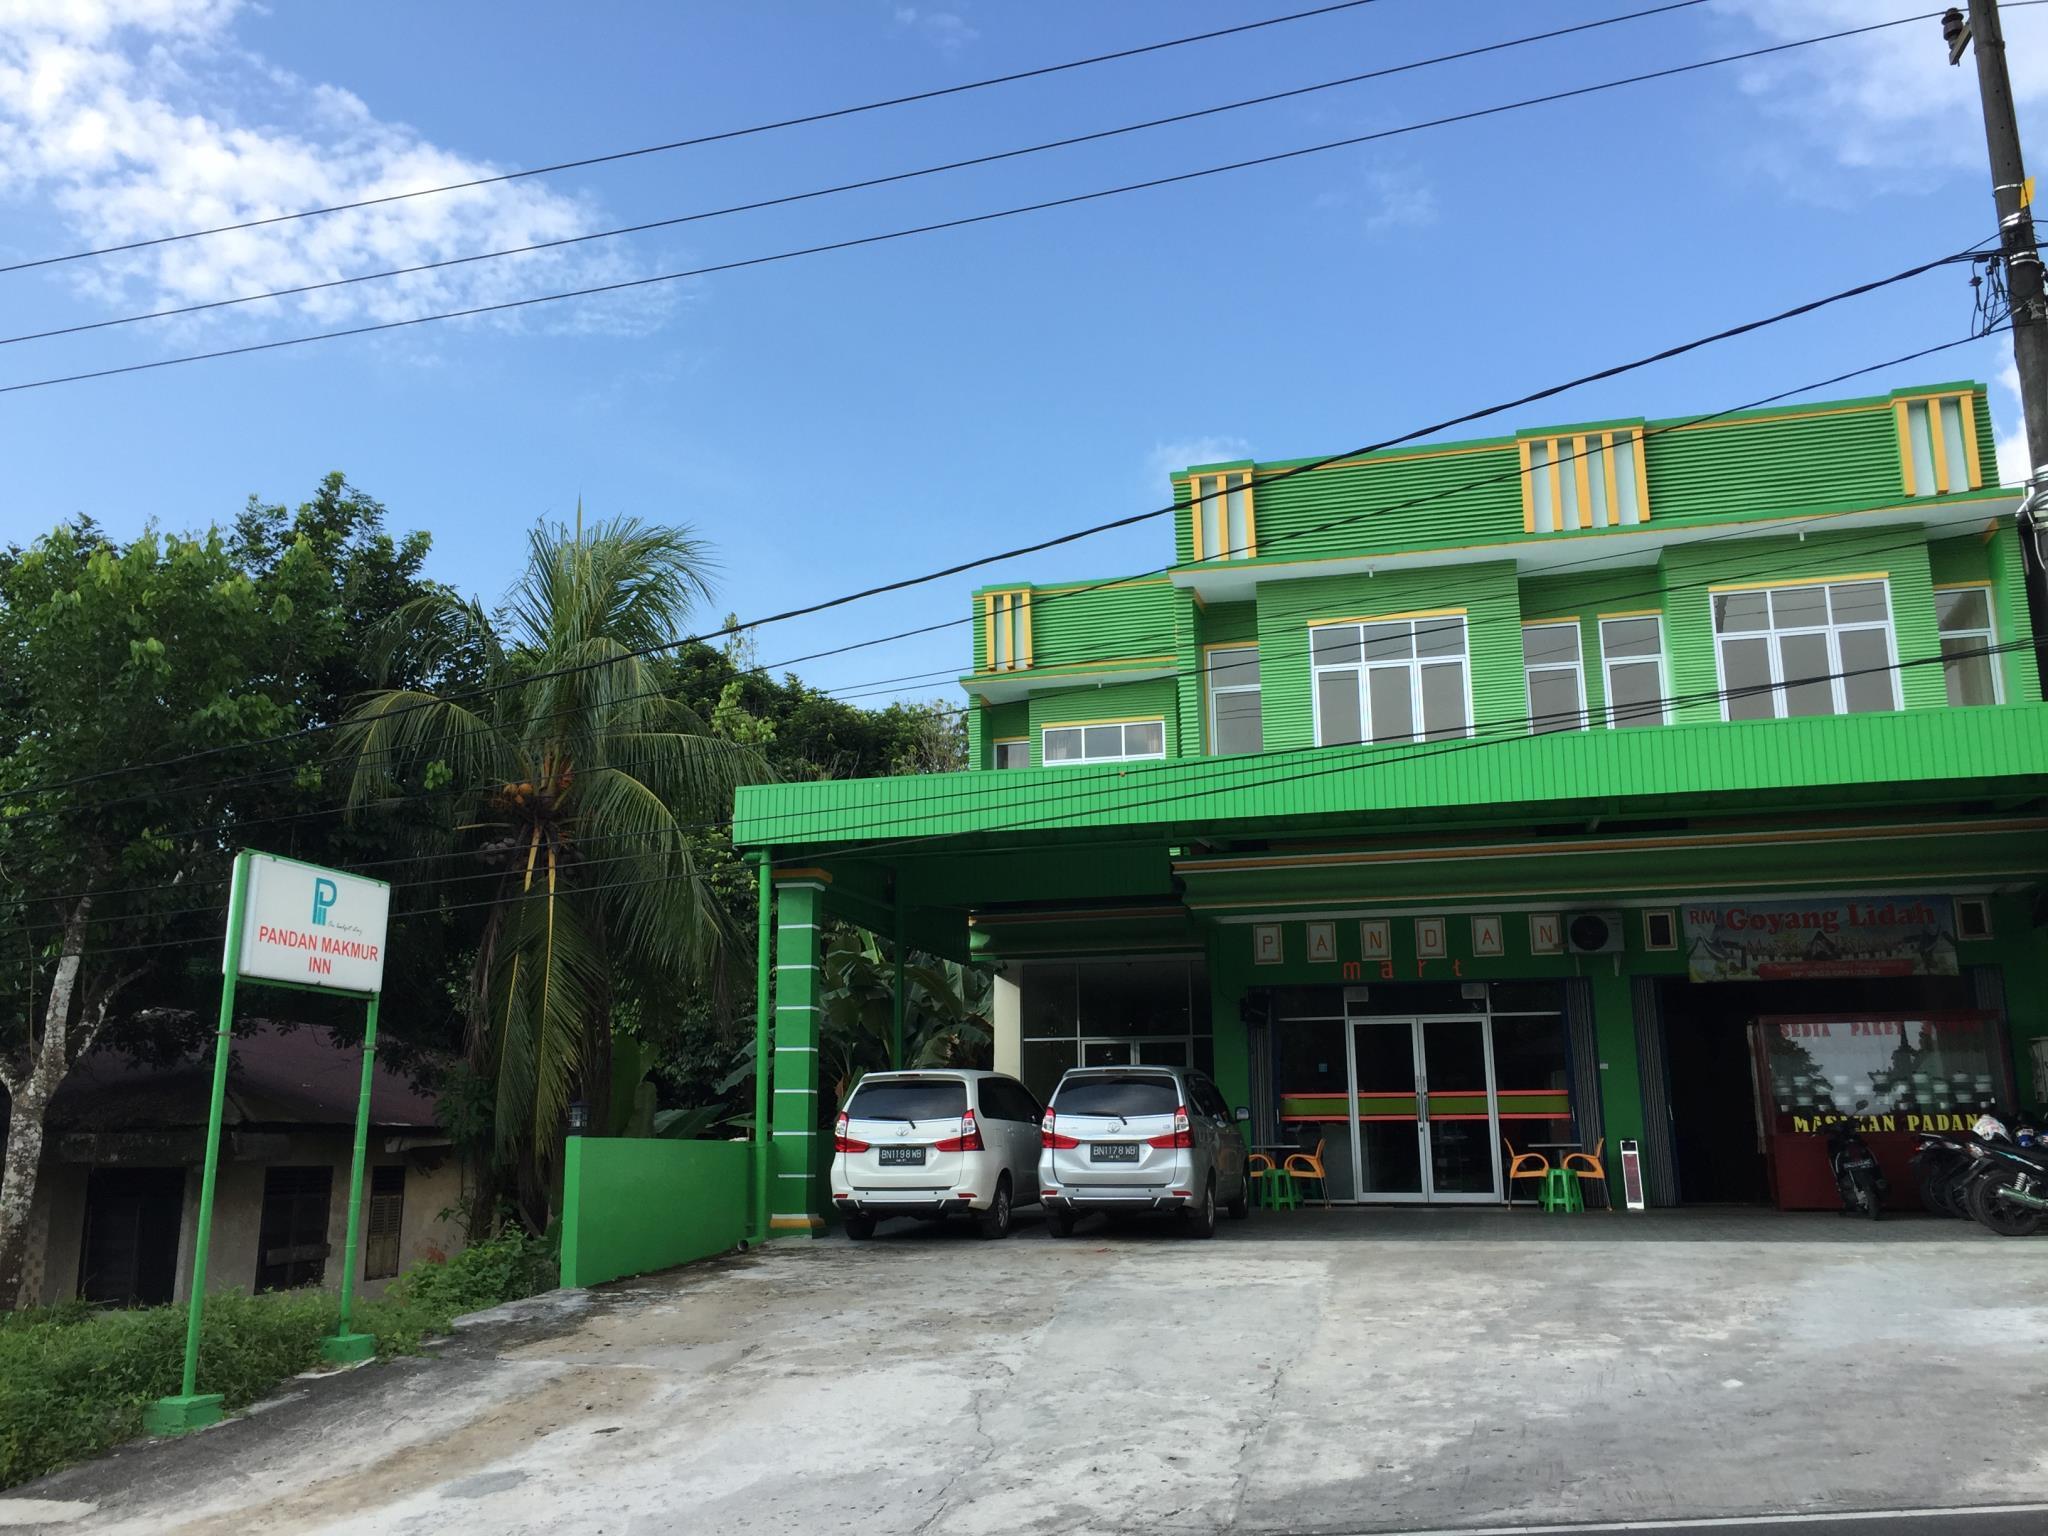 Pandan Makmur Inn